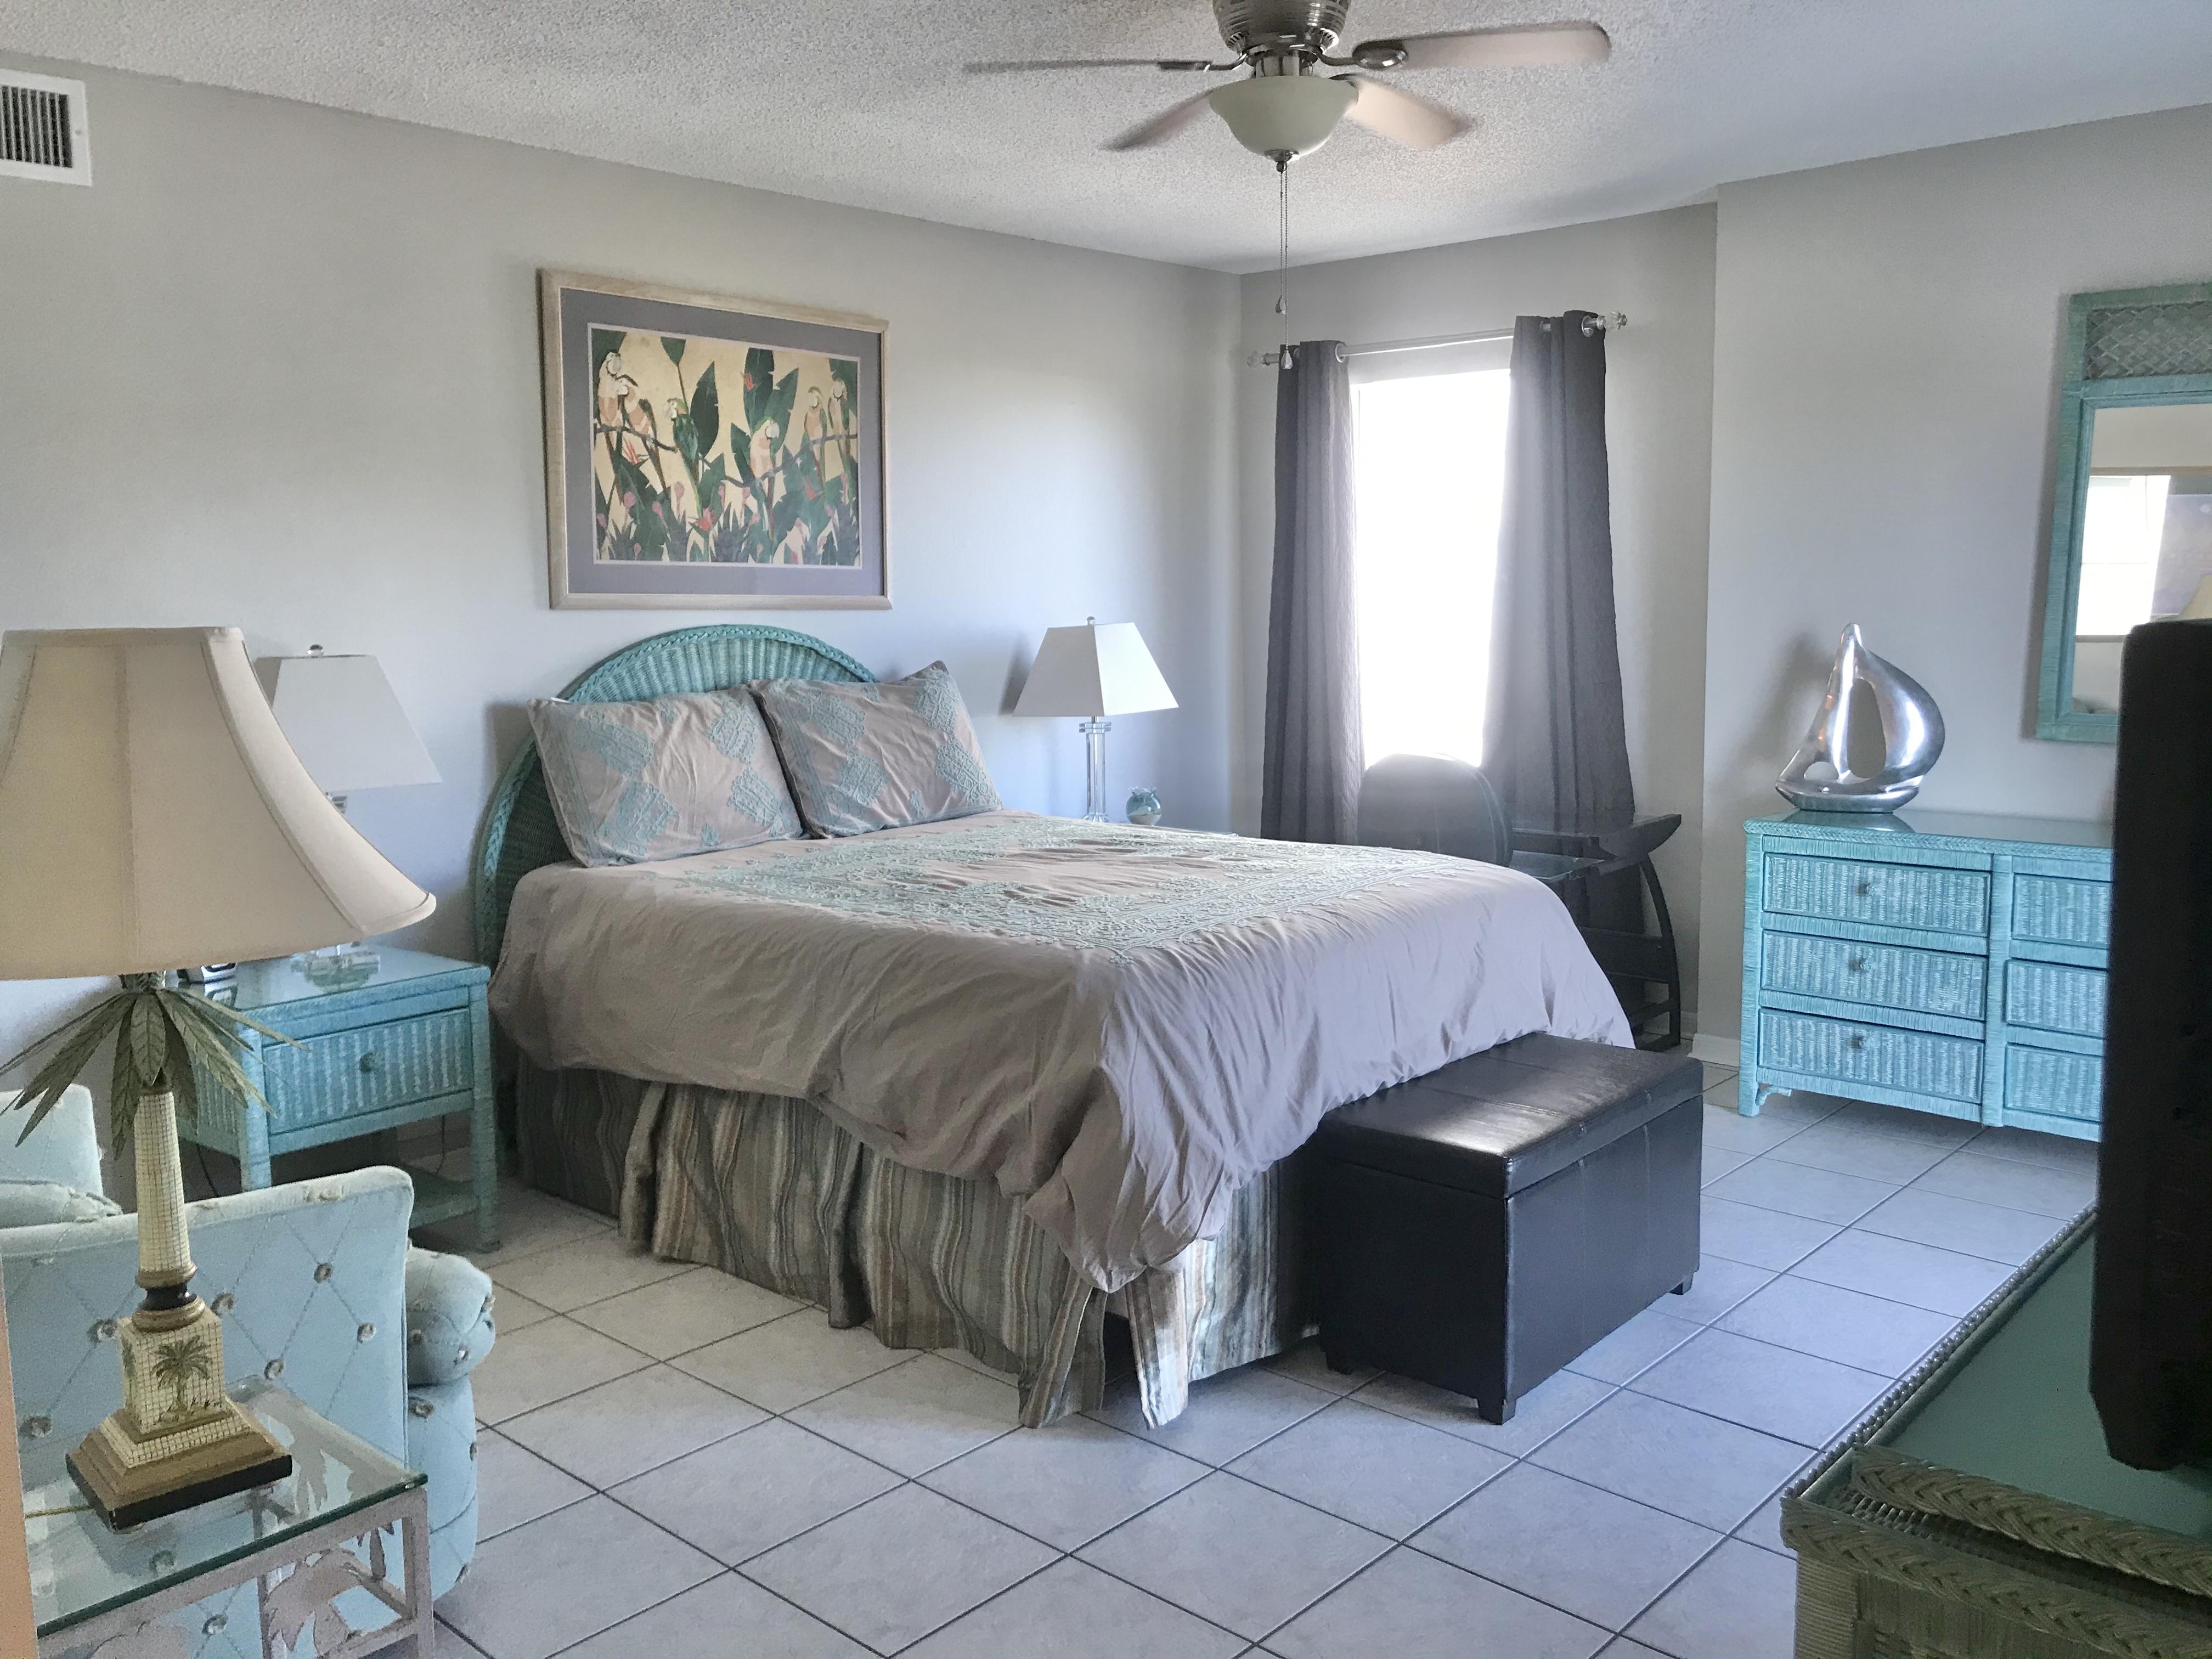 Ocean House 2306 Condo rental in Ocean House - Gulf Shores in Gulf Shores Alabama - #21